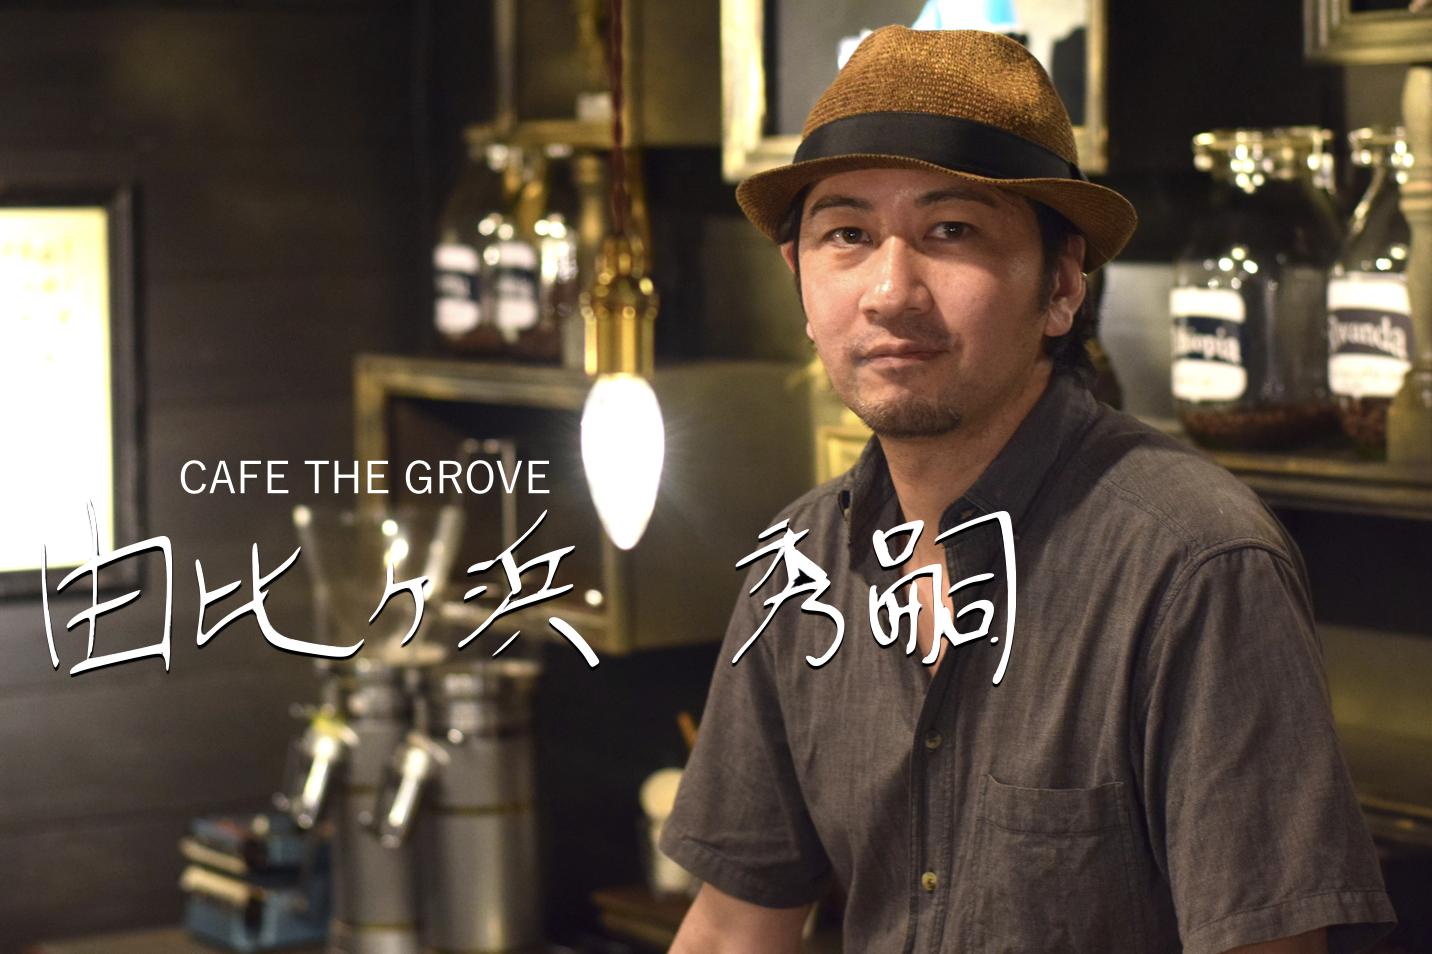 ここまで来れた一つの想い|CAFE THE GROVE 由比ヶ浜 秀嗣